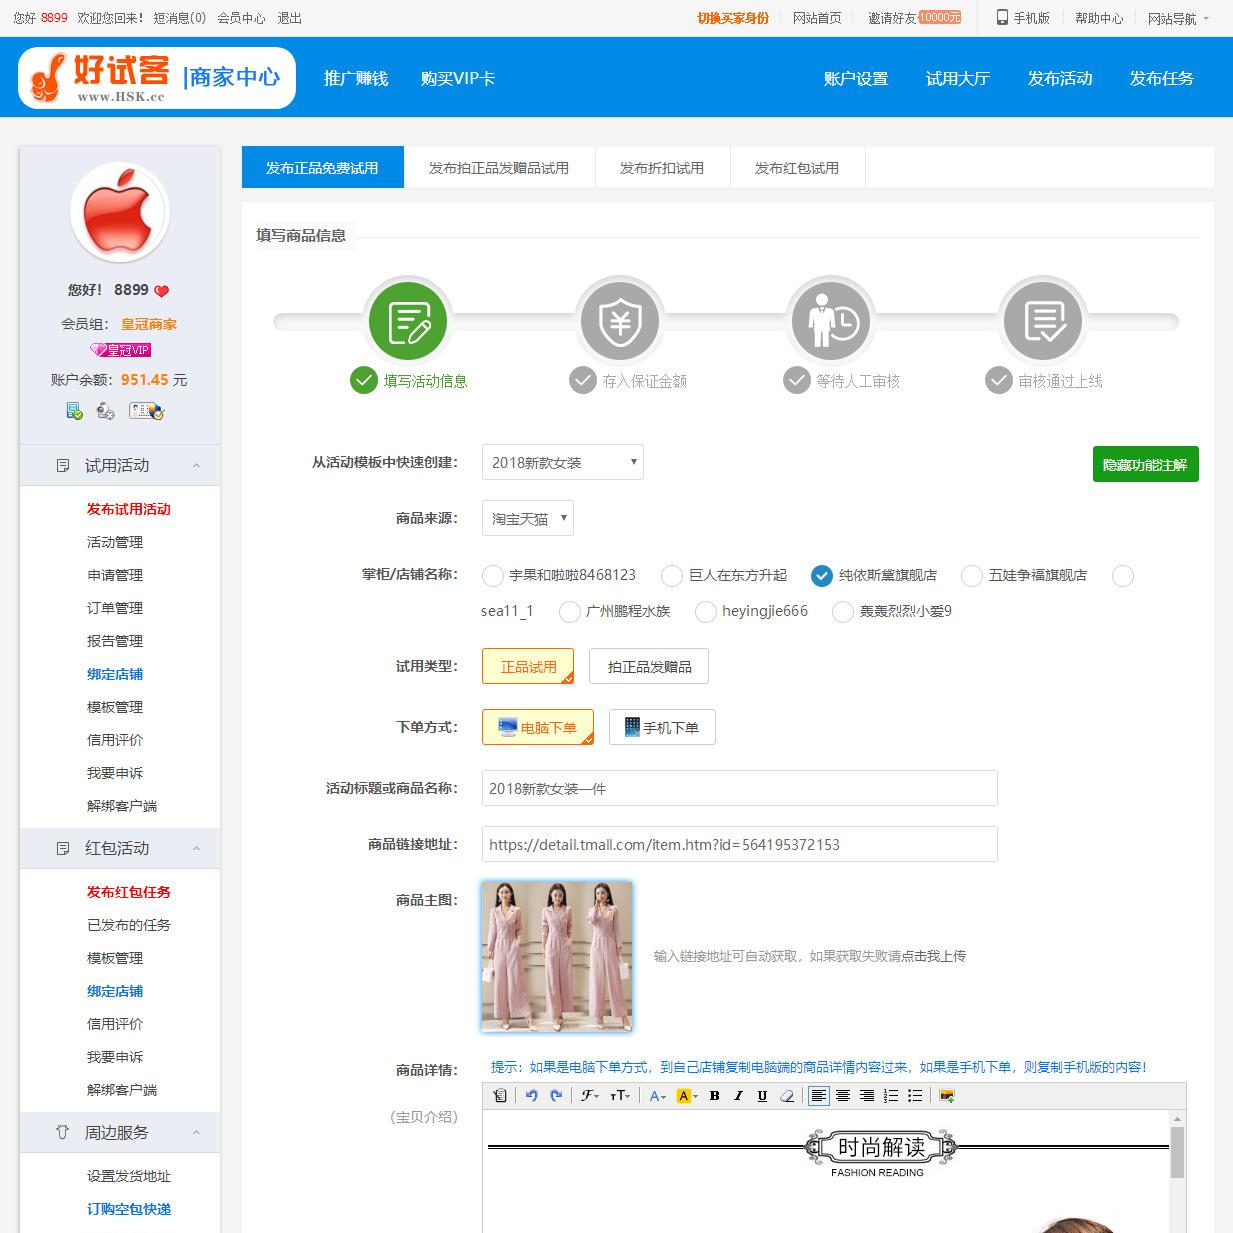 淘宝好试客源码网站,京东免费试用网站建设